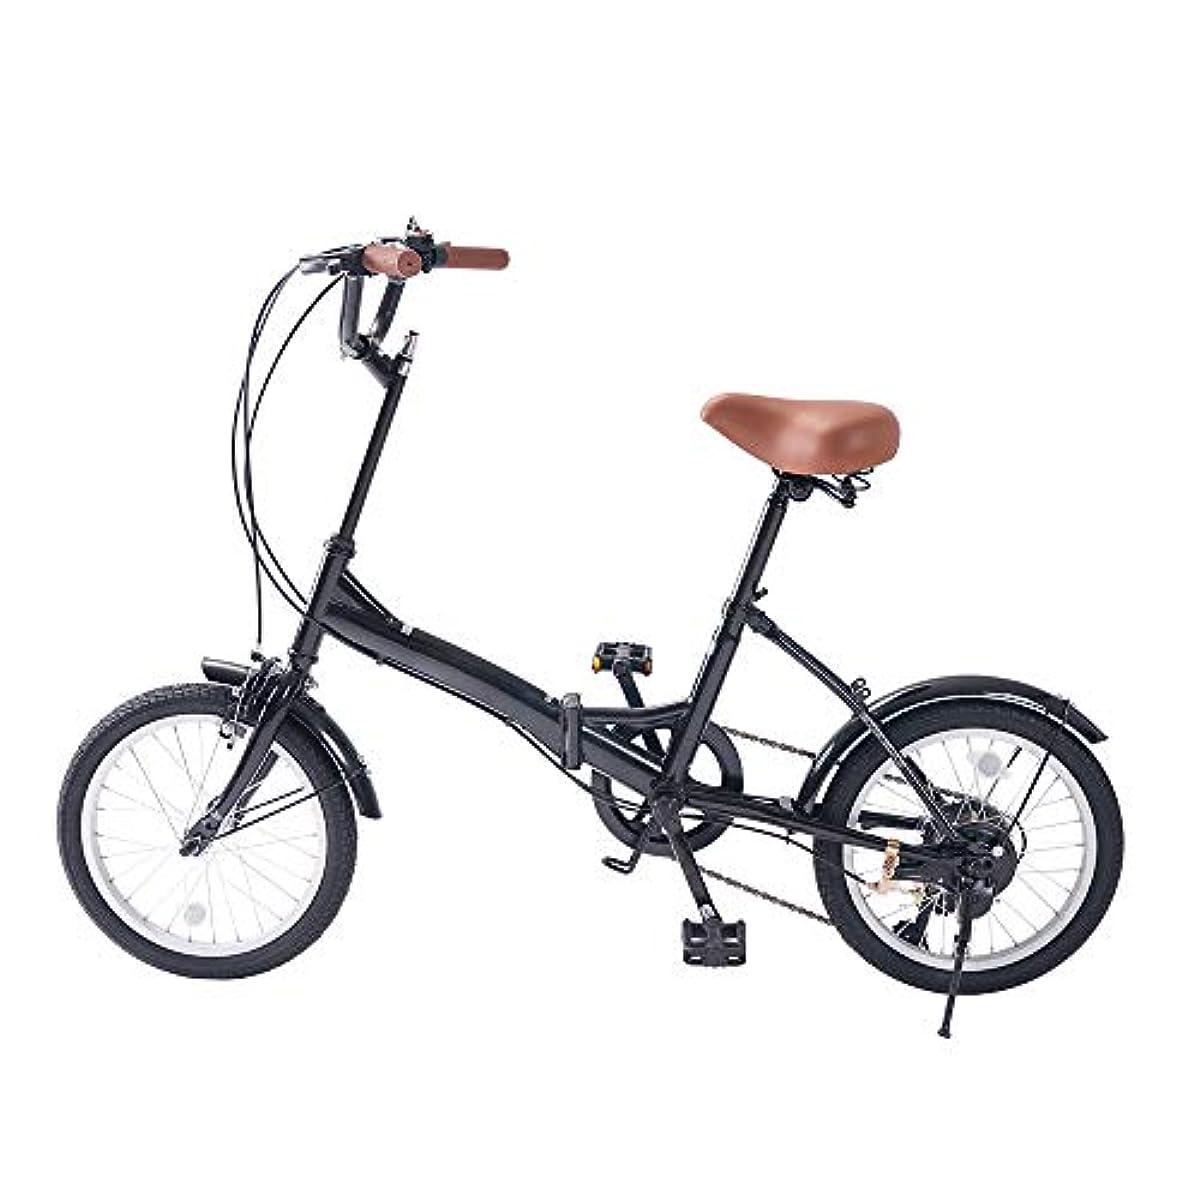 [해외] ZXCVD 자전거 접이식 자전거 6 속기어 16인치 미니 포터블 남자와녀 자전거 학생용 자전거 접이식 자전거 프론트와 리어의 매드 가이드